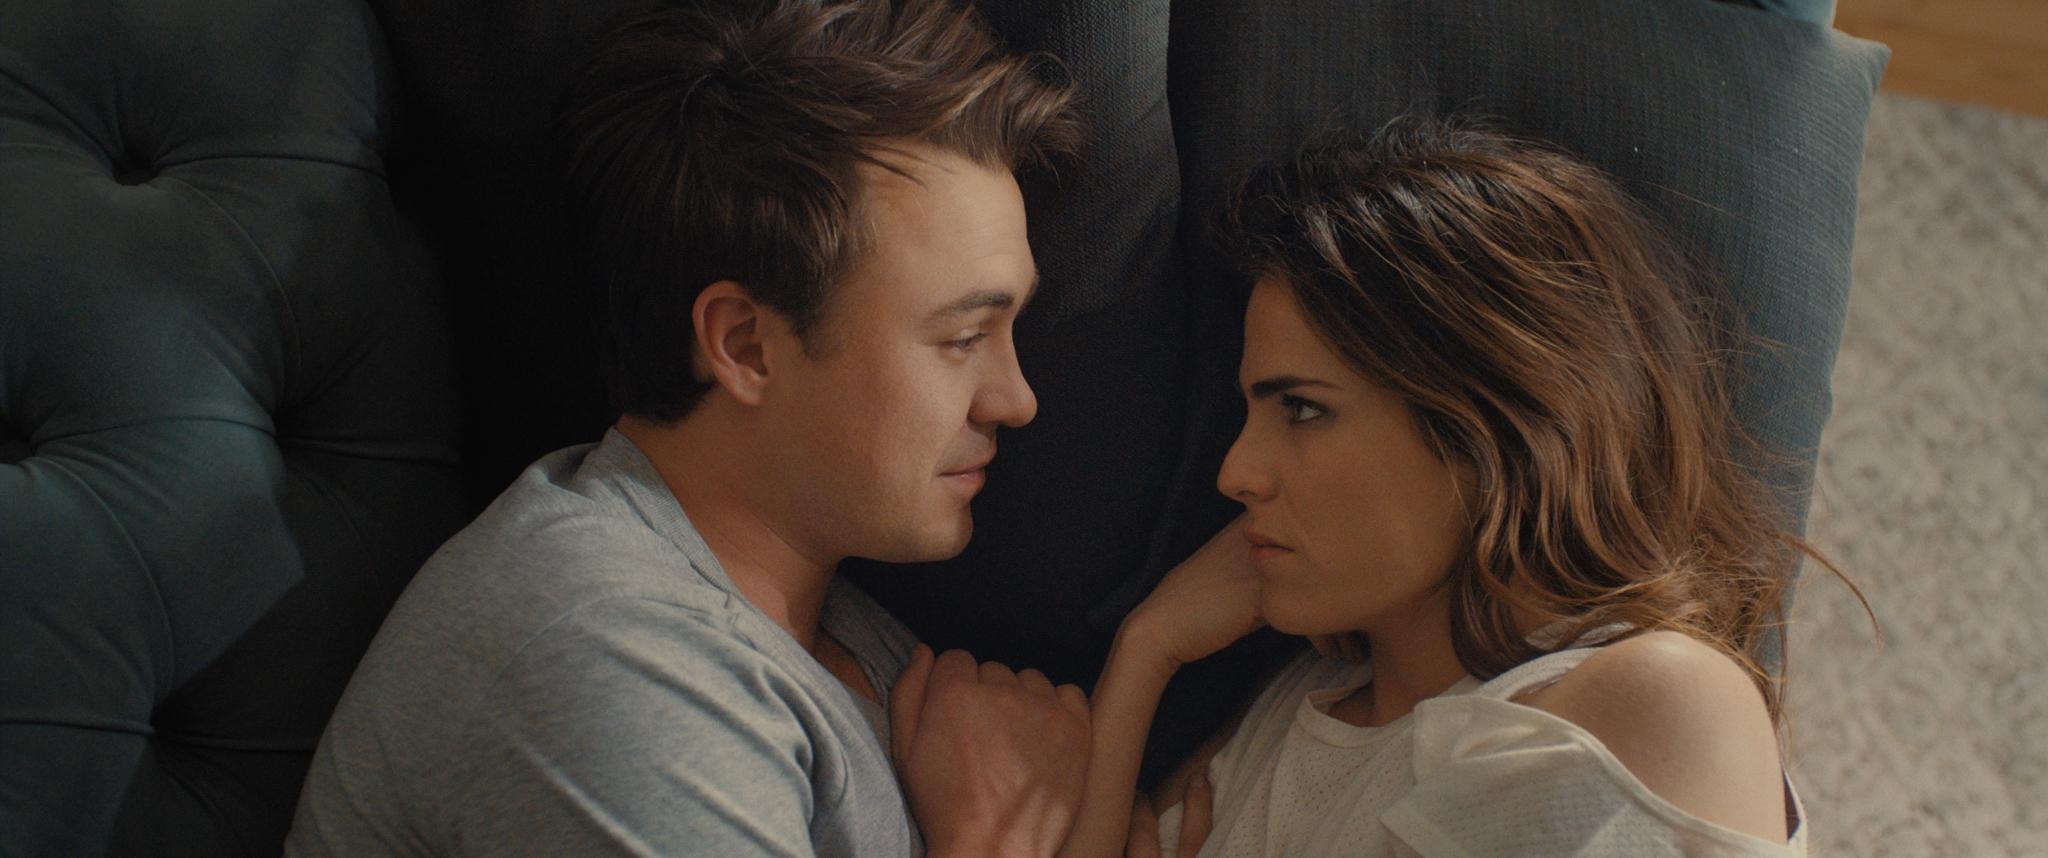 """Ben O'Toole y Karla Souza en Karla Souza en una escena de """"Everybody Loves Somebody""""."""